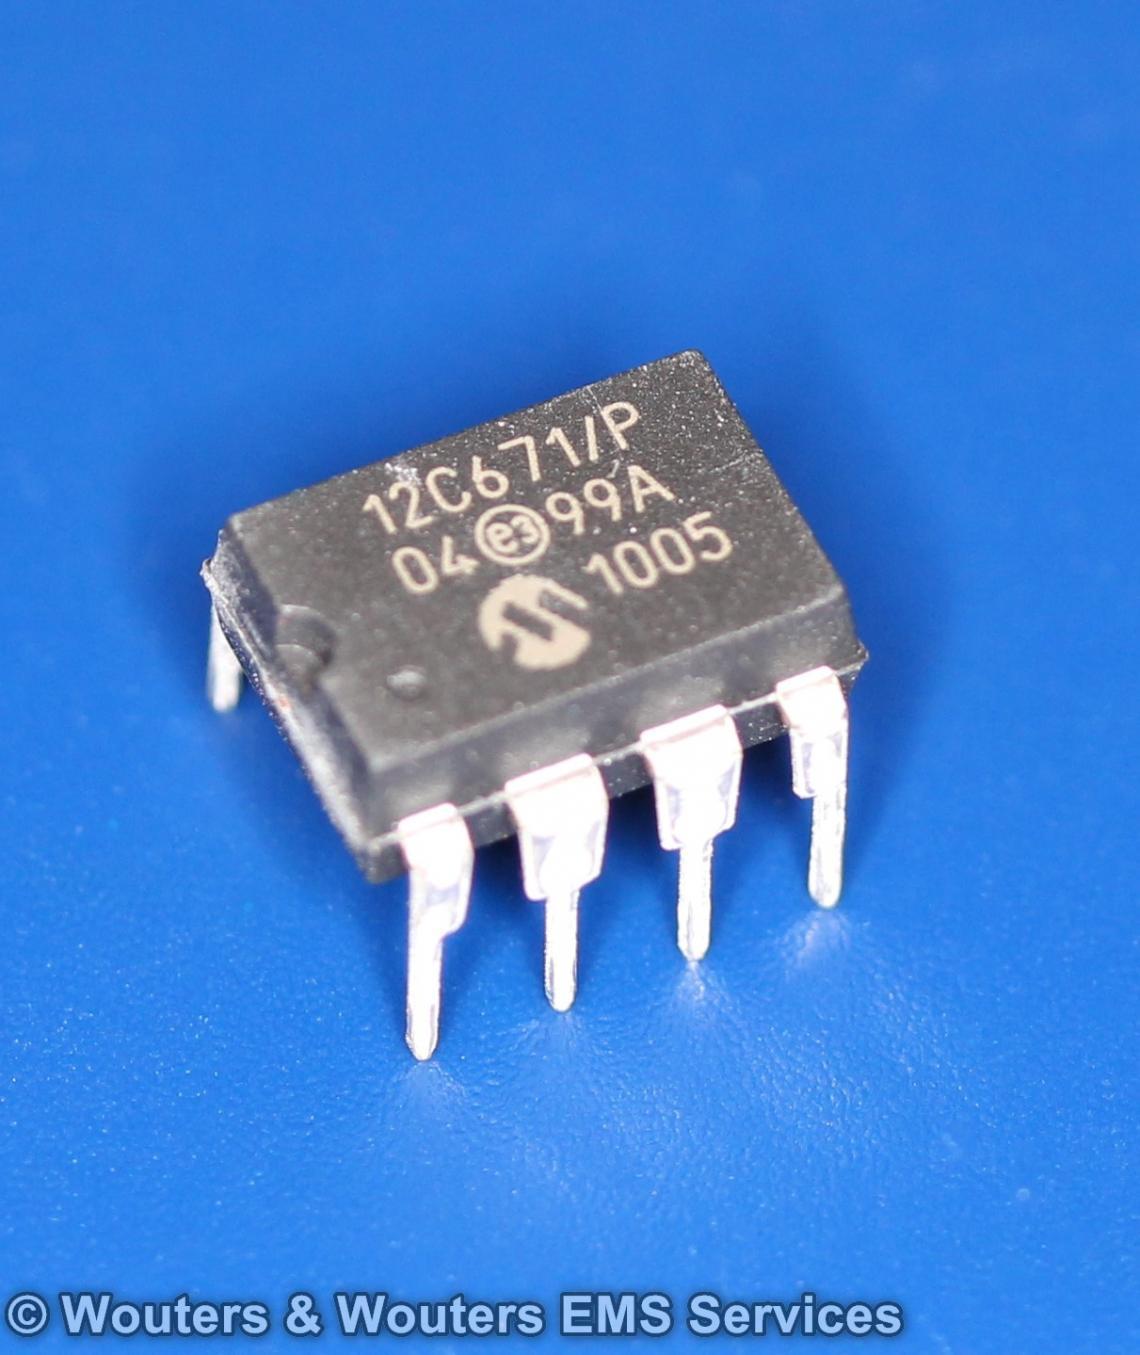 12C671-P 8-Pin, 8-Bit CMOS Microcontroller with A/D